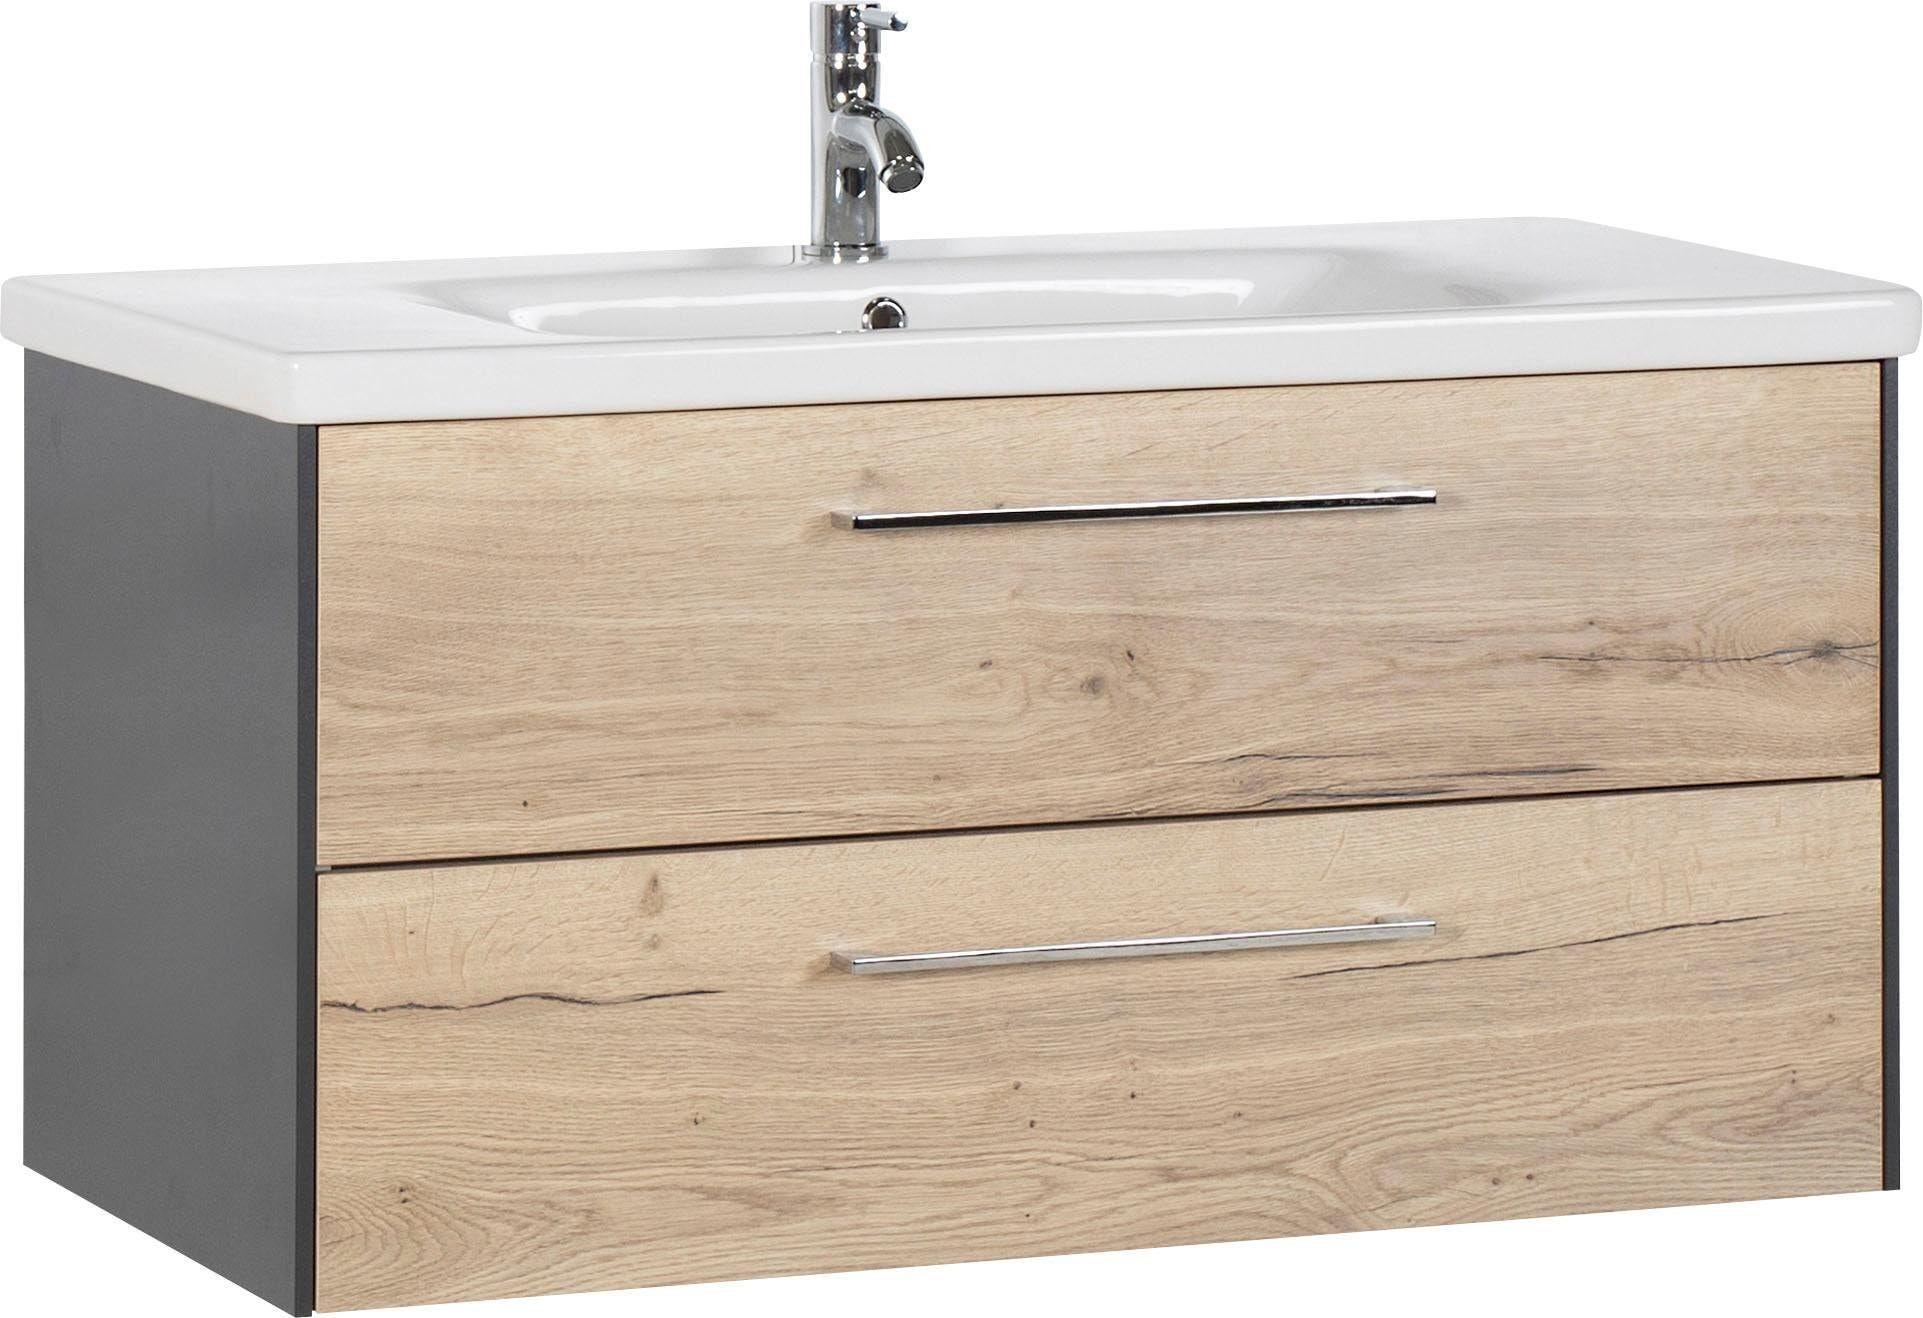 MARLIN Waschtisch, 3400 beige Waschtische Badmöbel